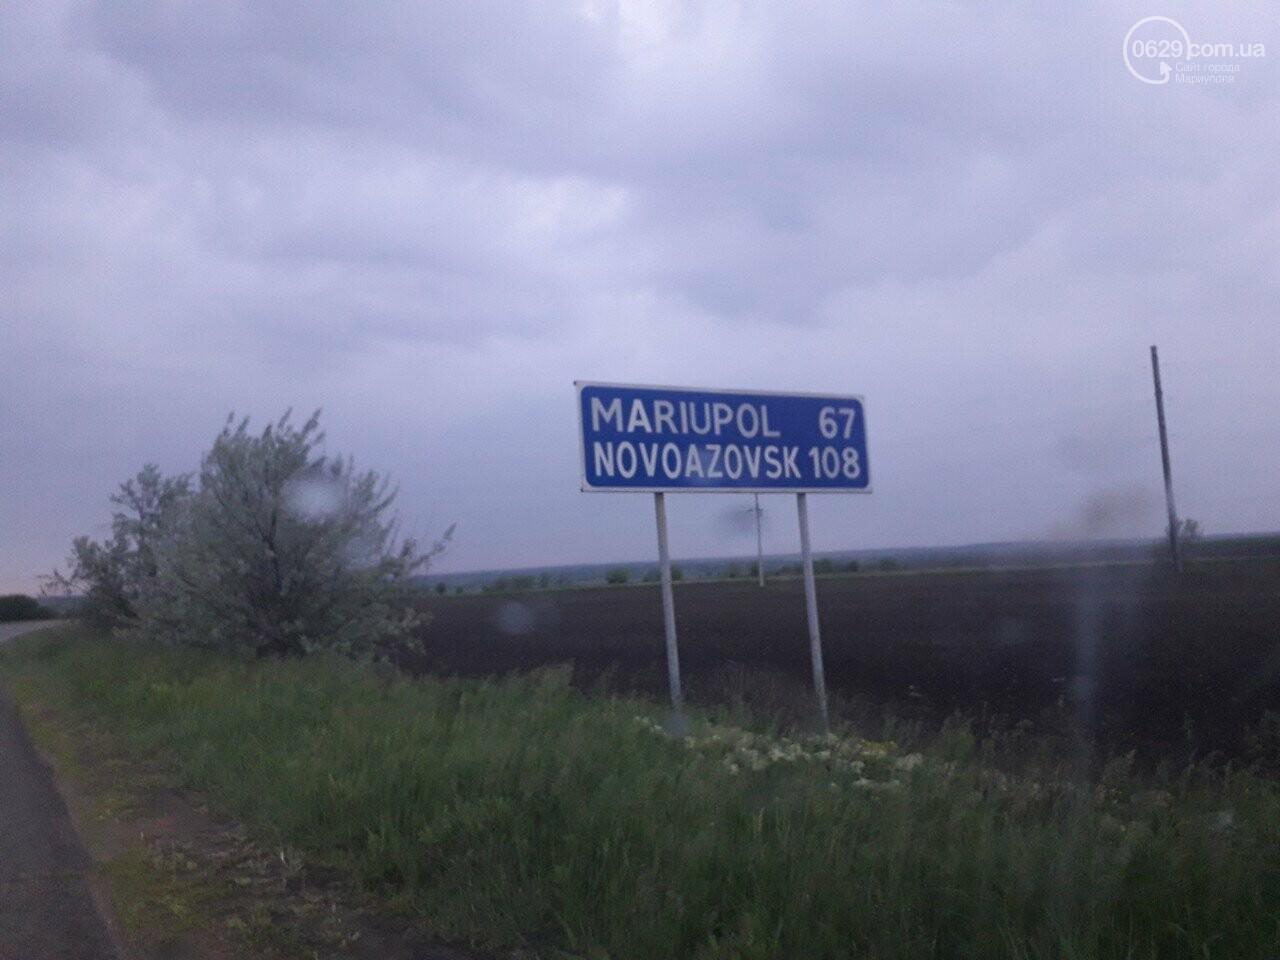 Жуткое ДТП на трассе Мариуполь-Бердянск. Есть погибший, - ФОТО, фото-5